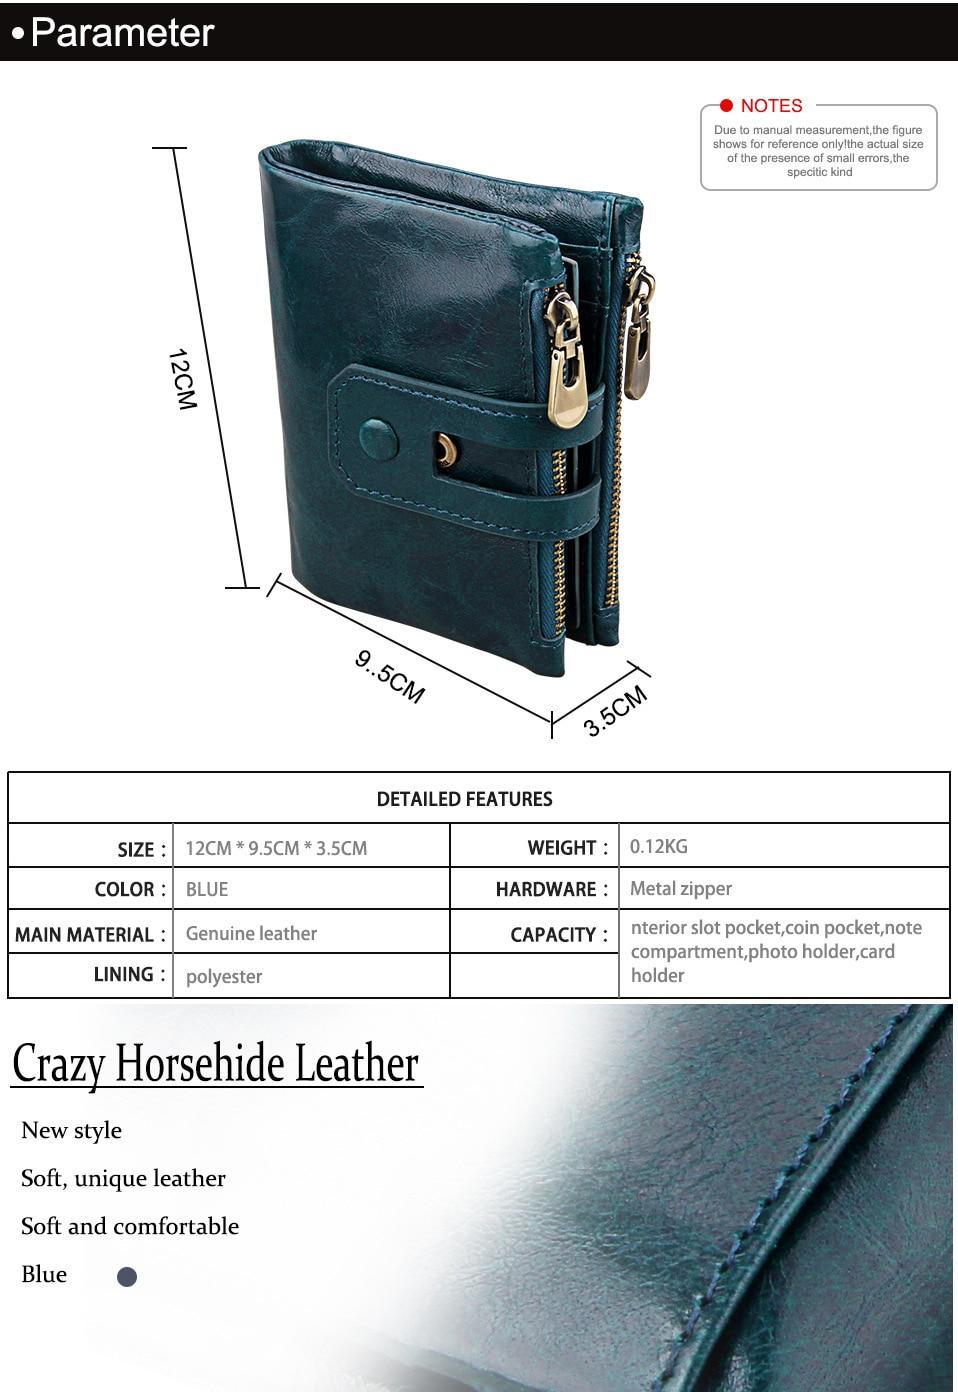 2018 Мода бумажник женщины натуральная кожа кошельки засов женский двойная молния дизайн портмоне ID карты держатель тонкий бумажник унисекс